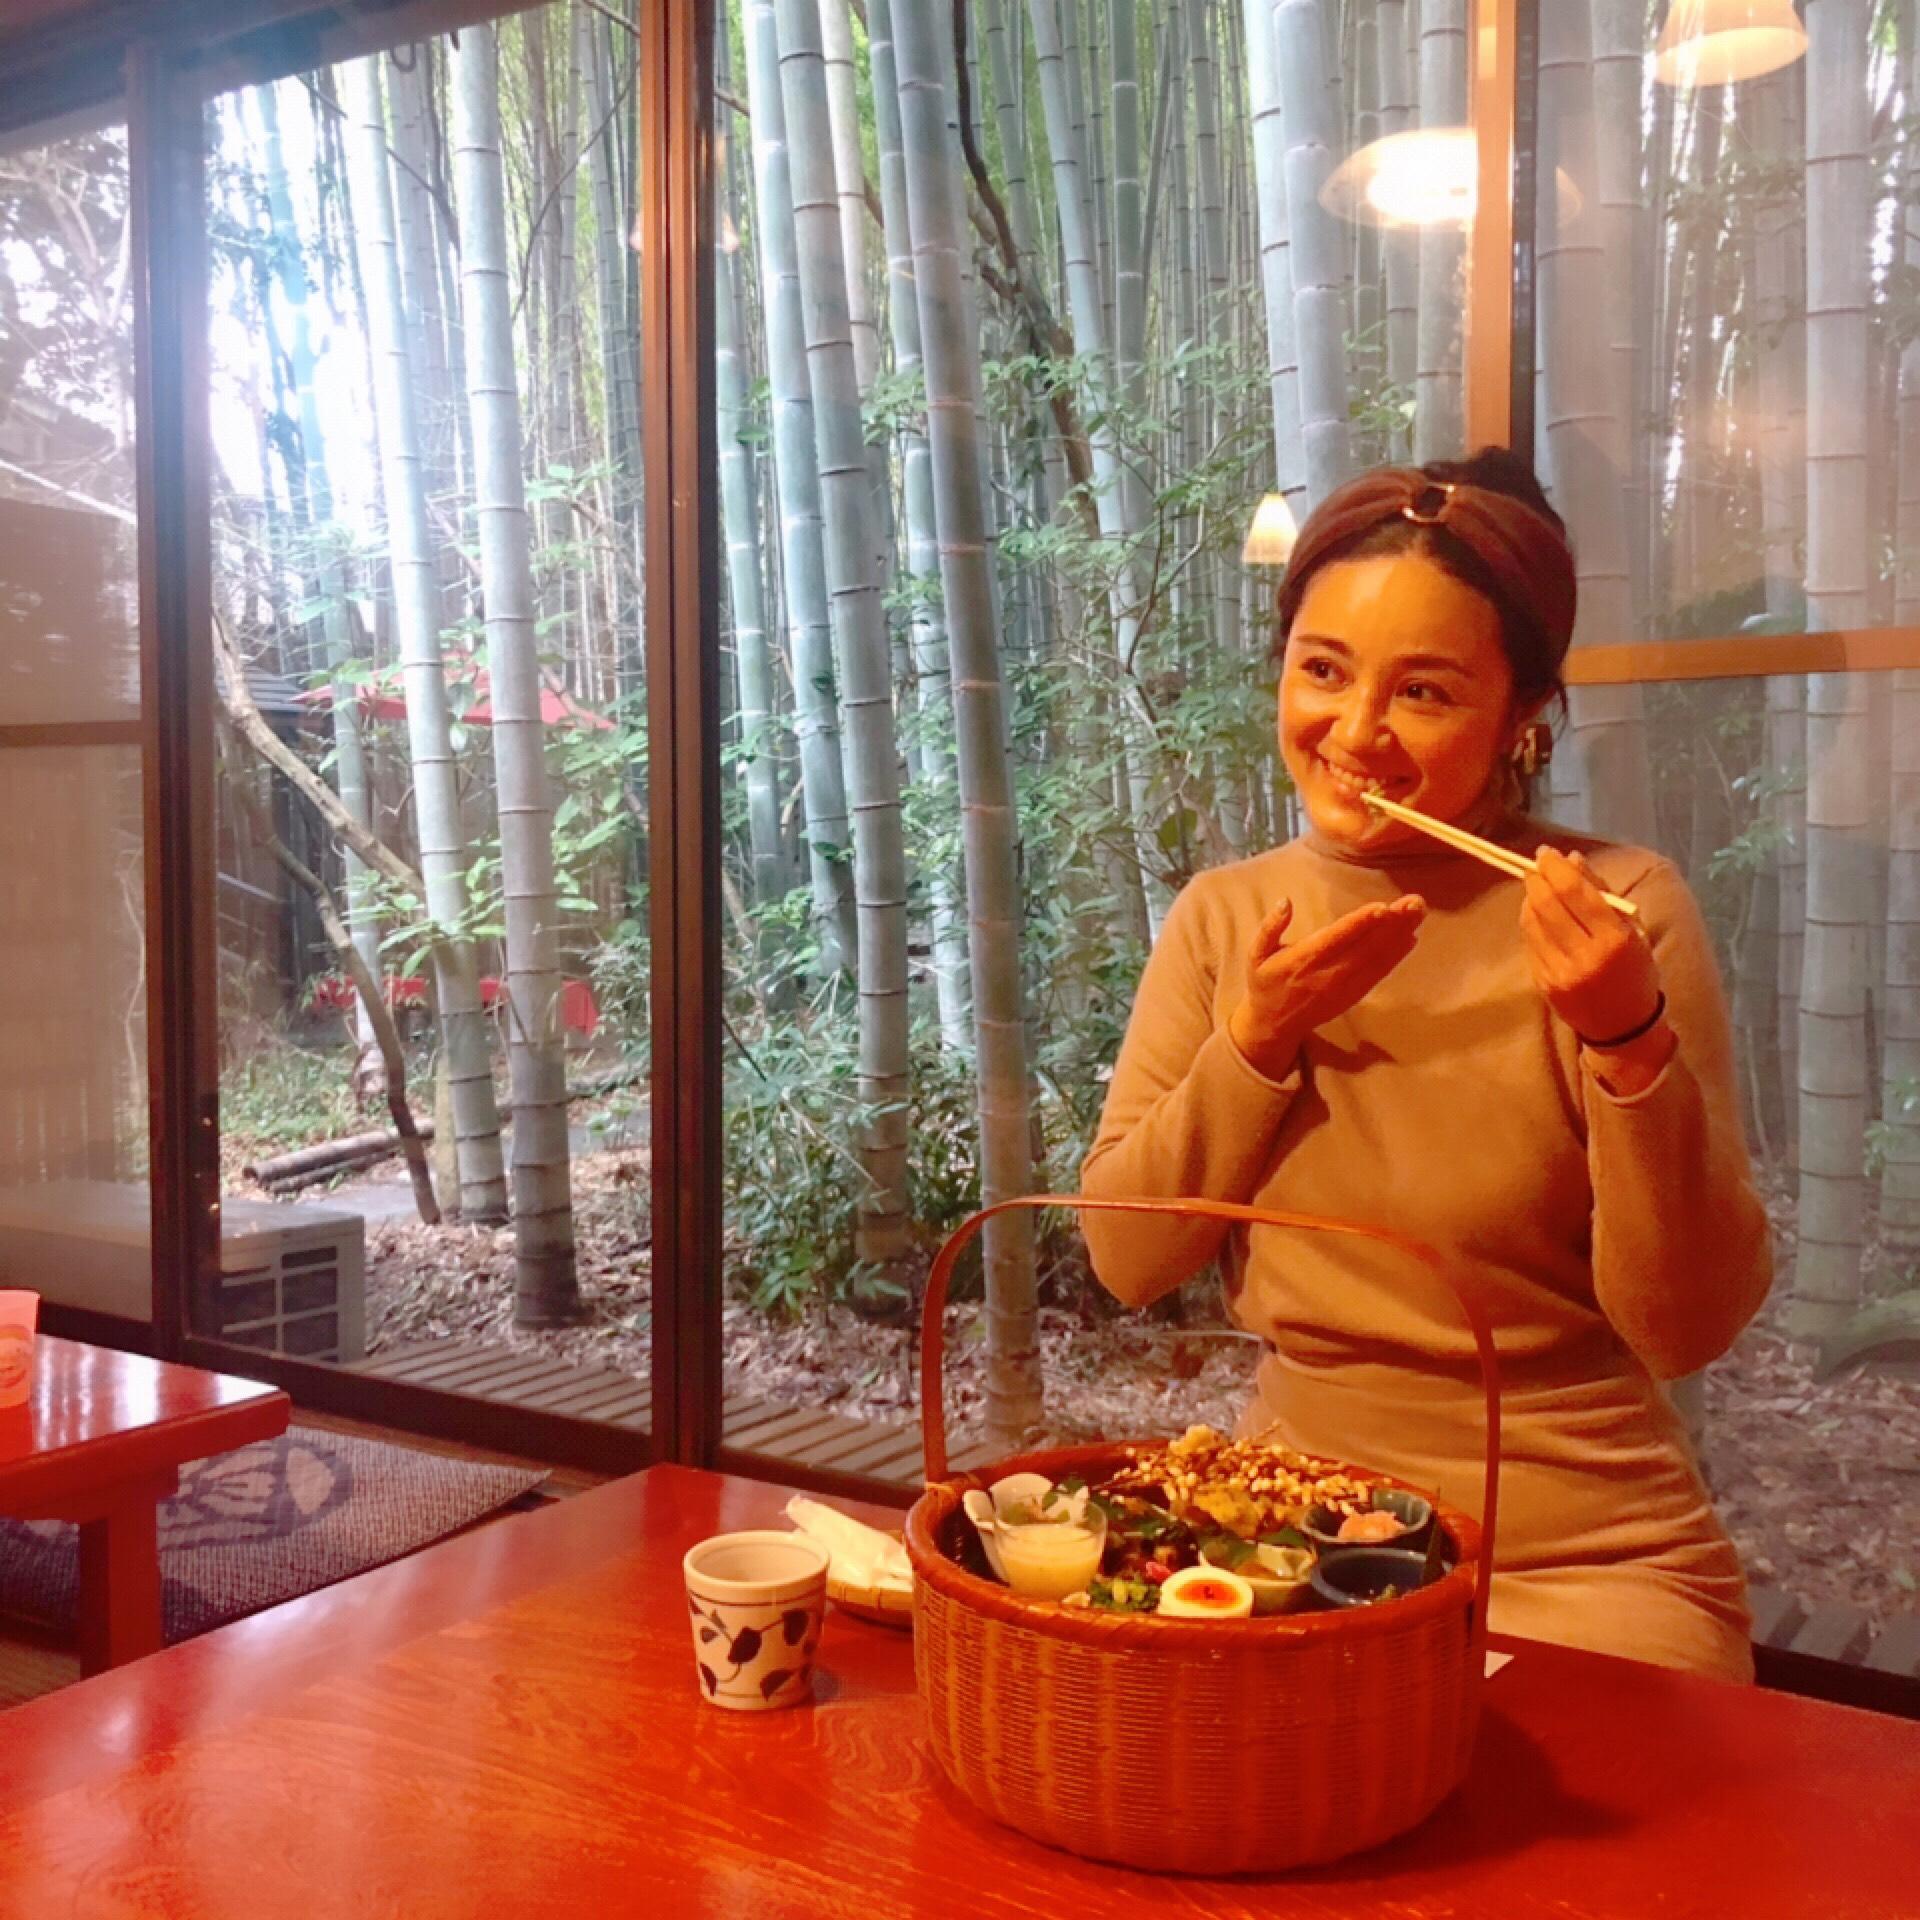 湯布院のロールケーキが人気のカフェと、日田市の「花てぼ弁当」が食べられる和食店へ♪【 #TOKYOPANDA のご当地モア・大分県編】_5